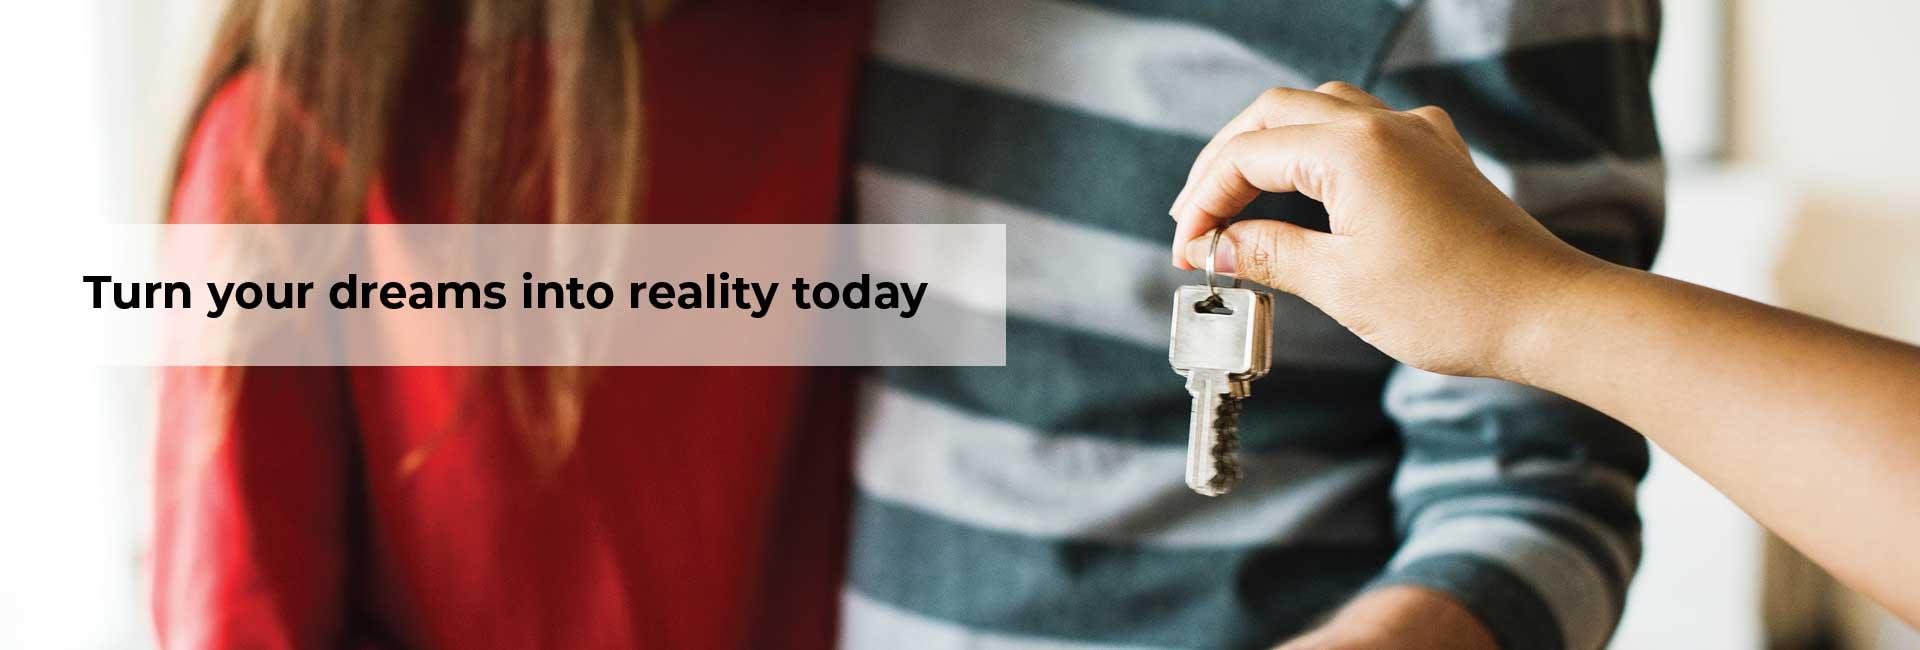 melbourne home loan mortgage broker